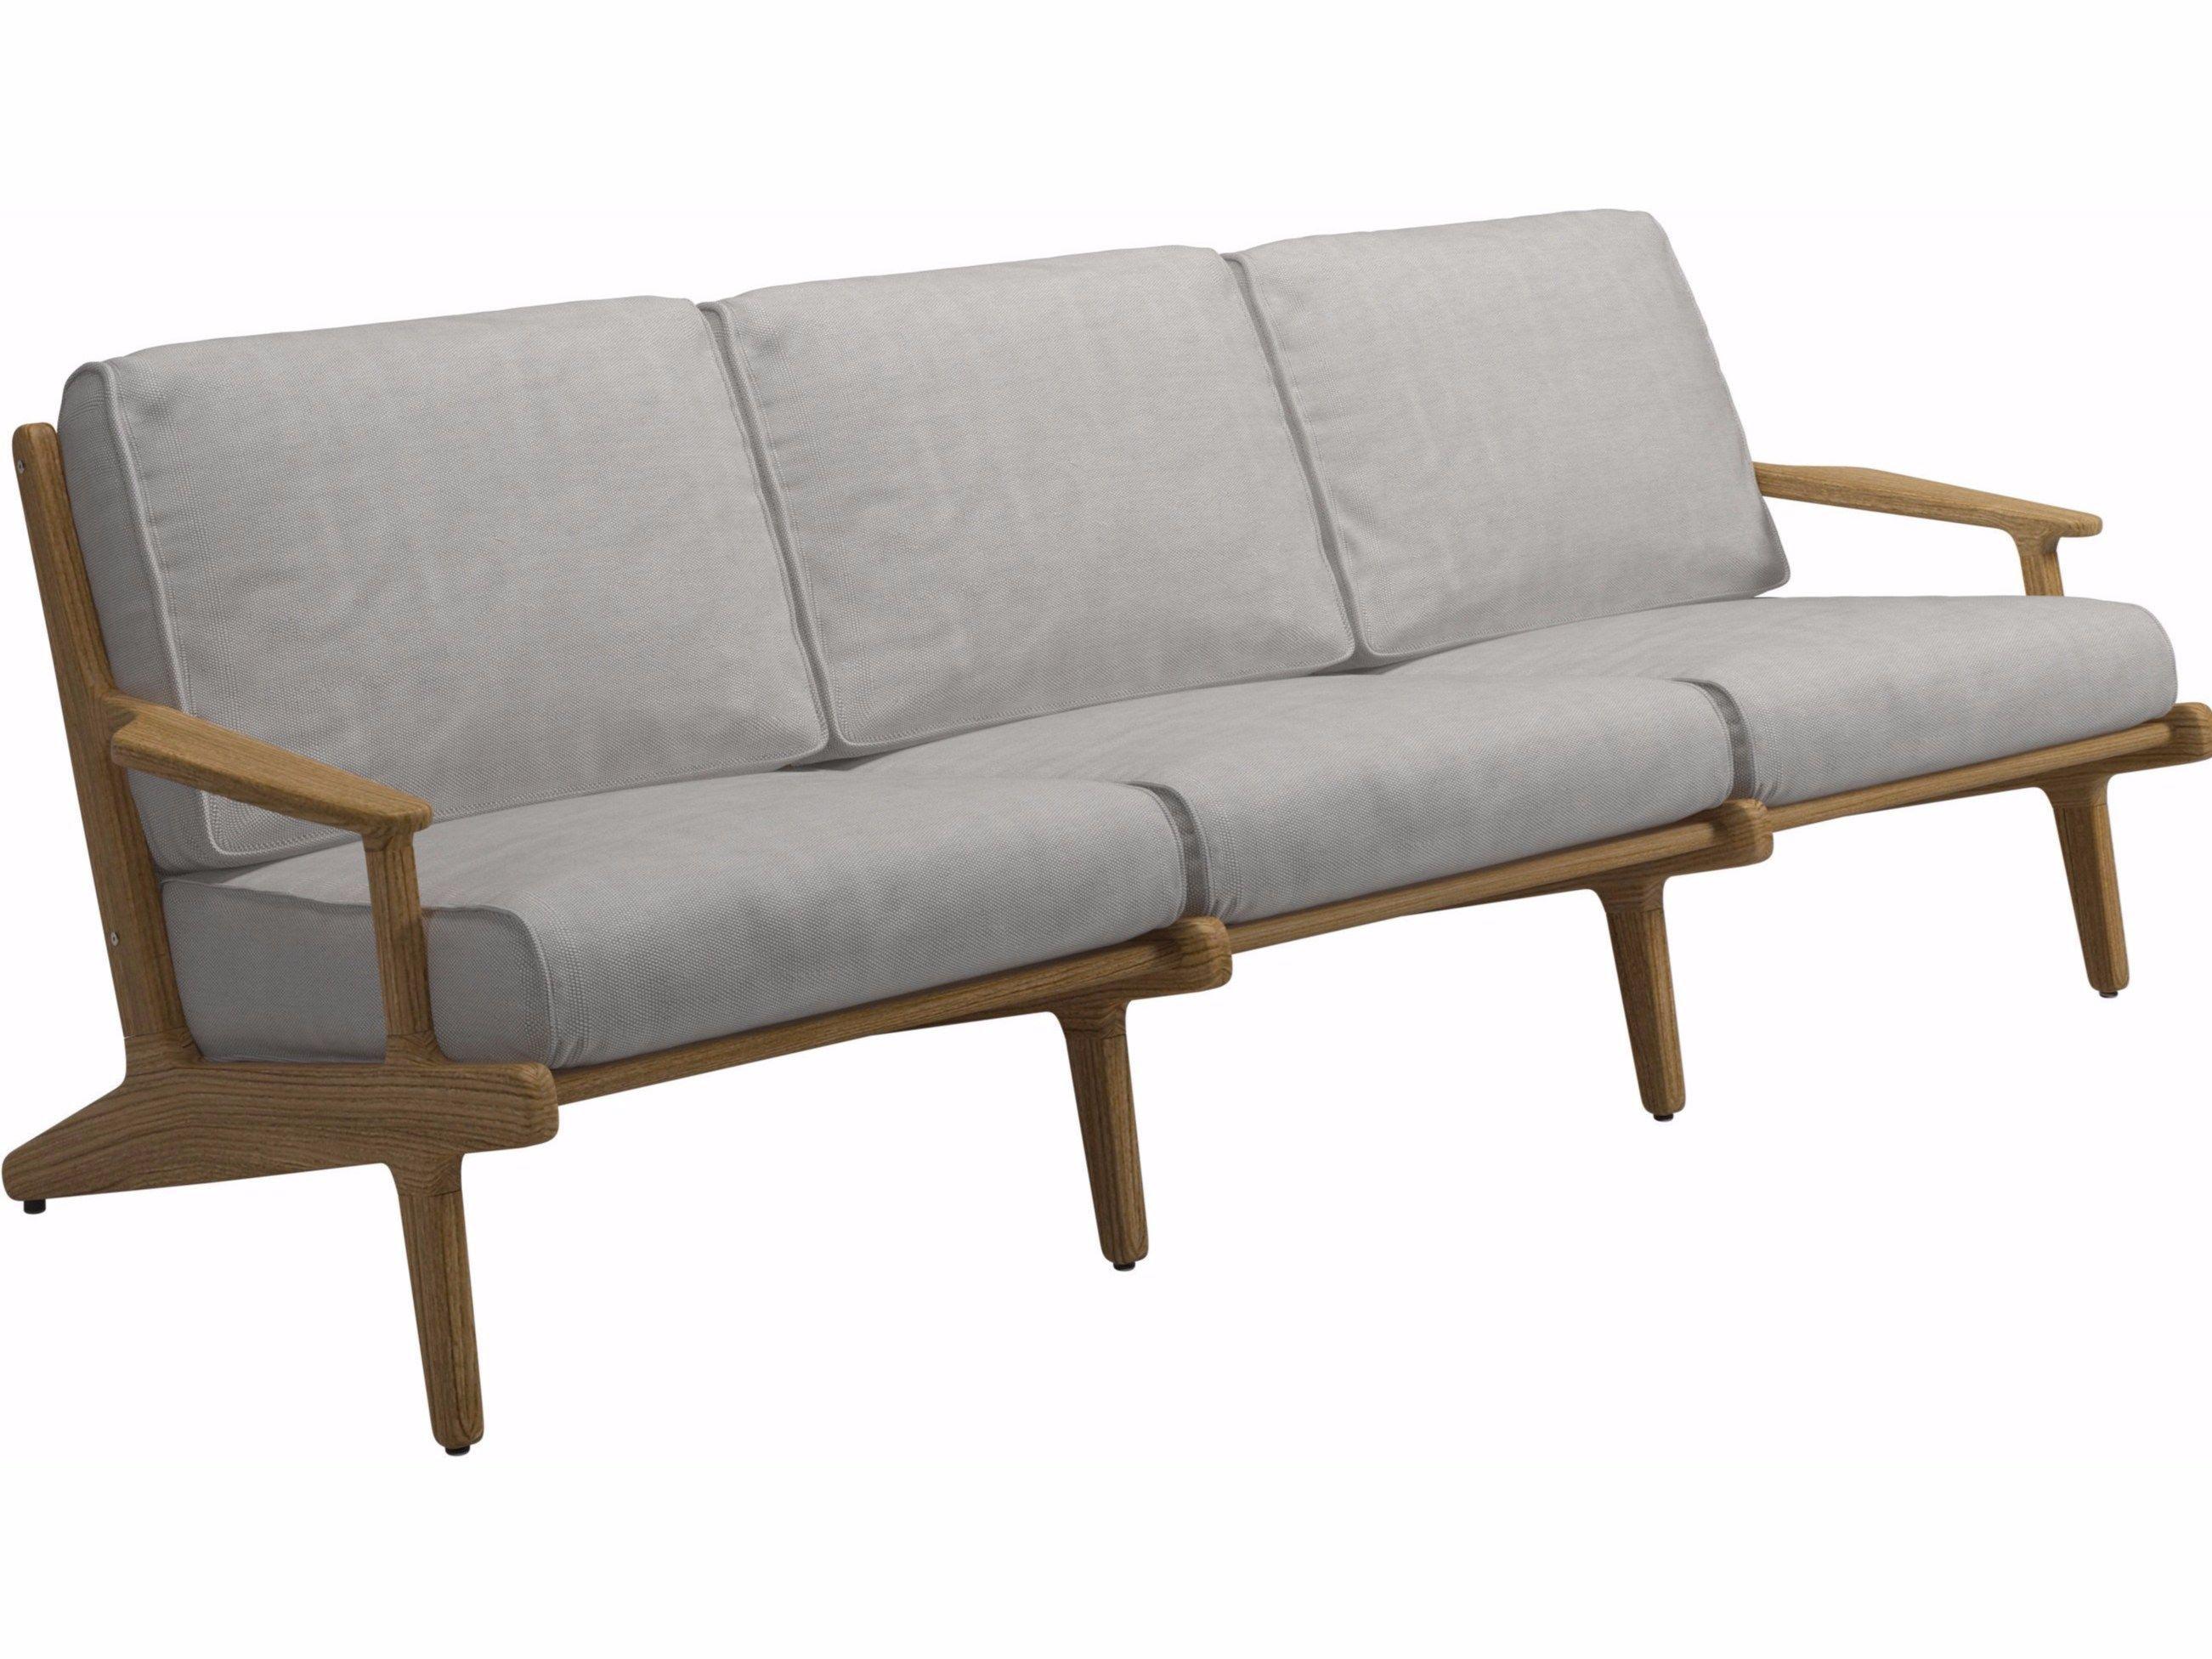 BAY 3 seater garden sofa by Gloster design Henrik Pedersen